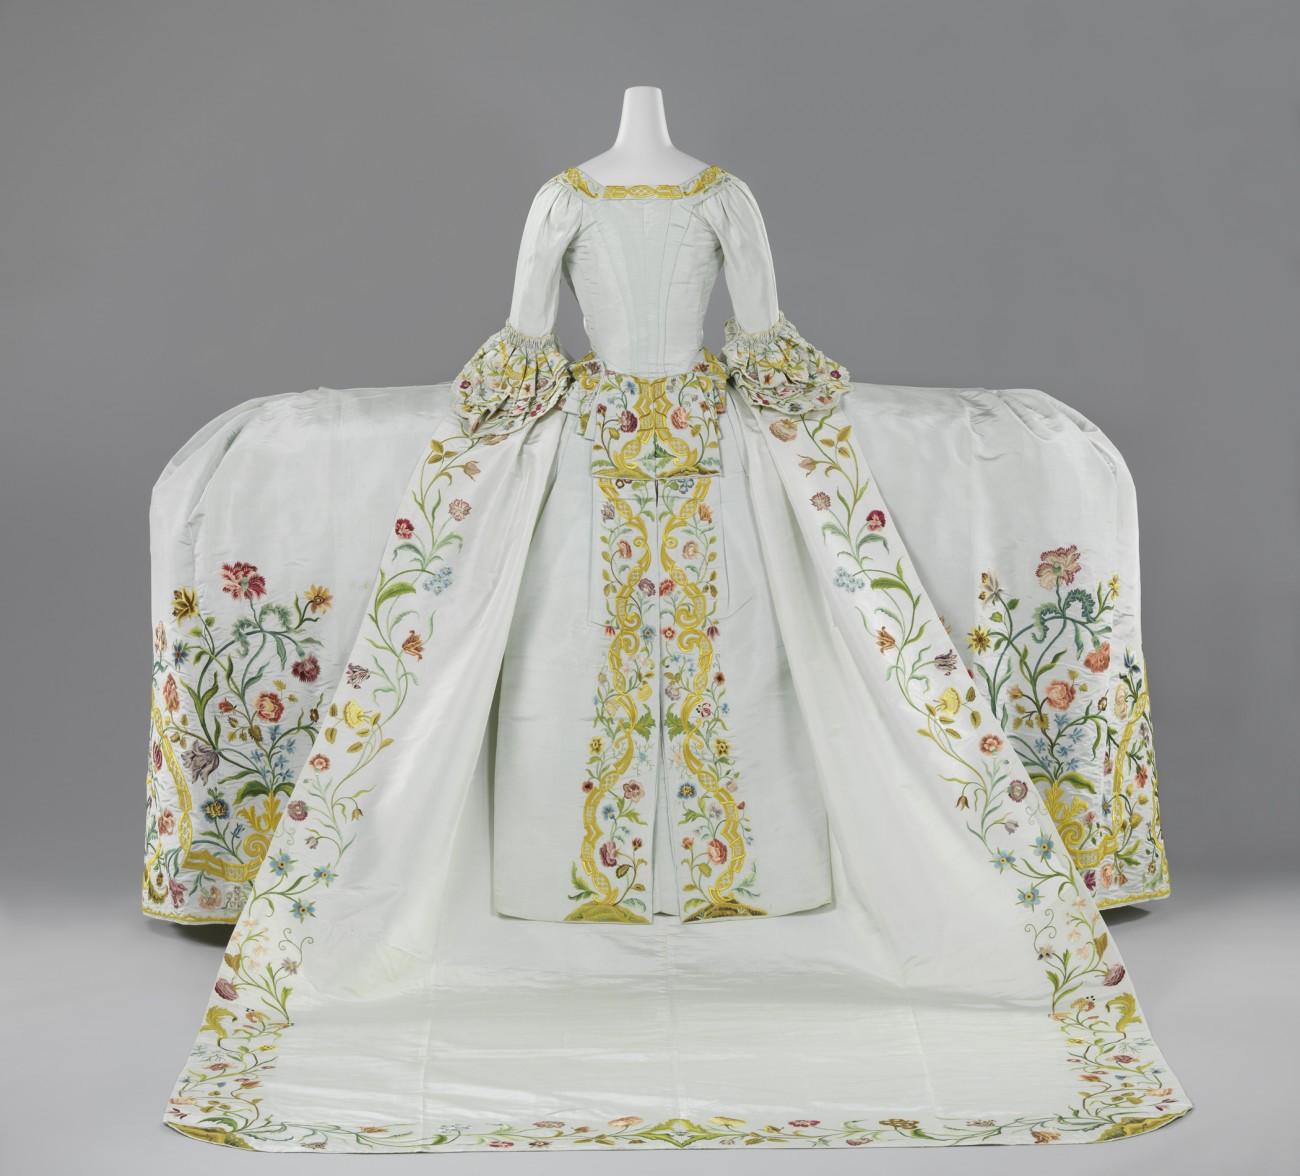 Trouwjapon van lichtblauwe ripszijde geborduurd met een floraal motief in veelkleurige zijde bestaande uit een lijf met staart, rok en sleep, circa 1750 - 1760.